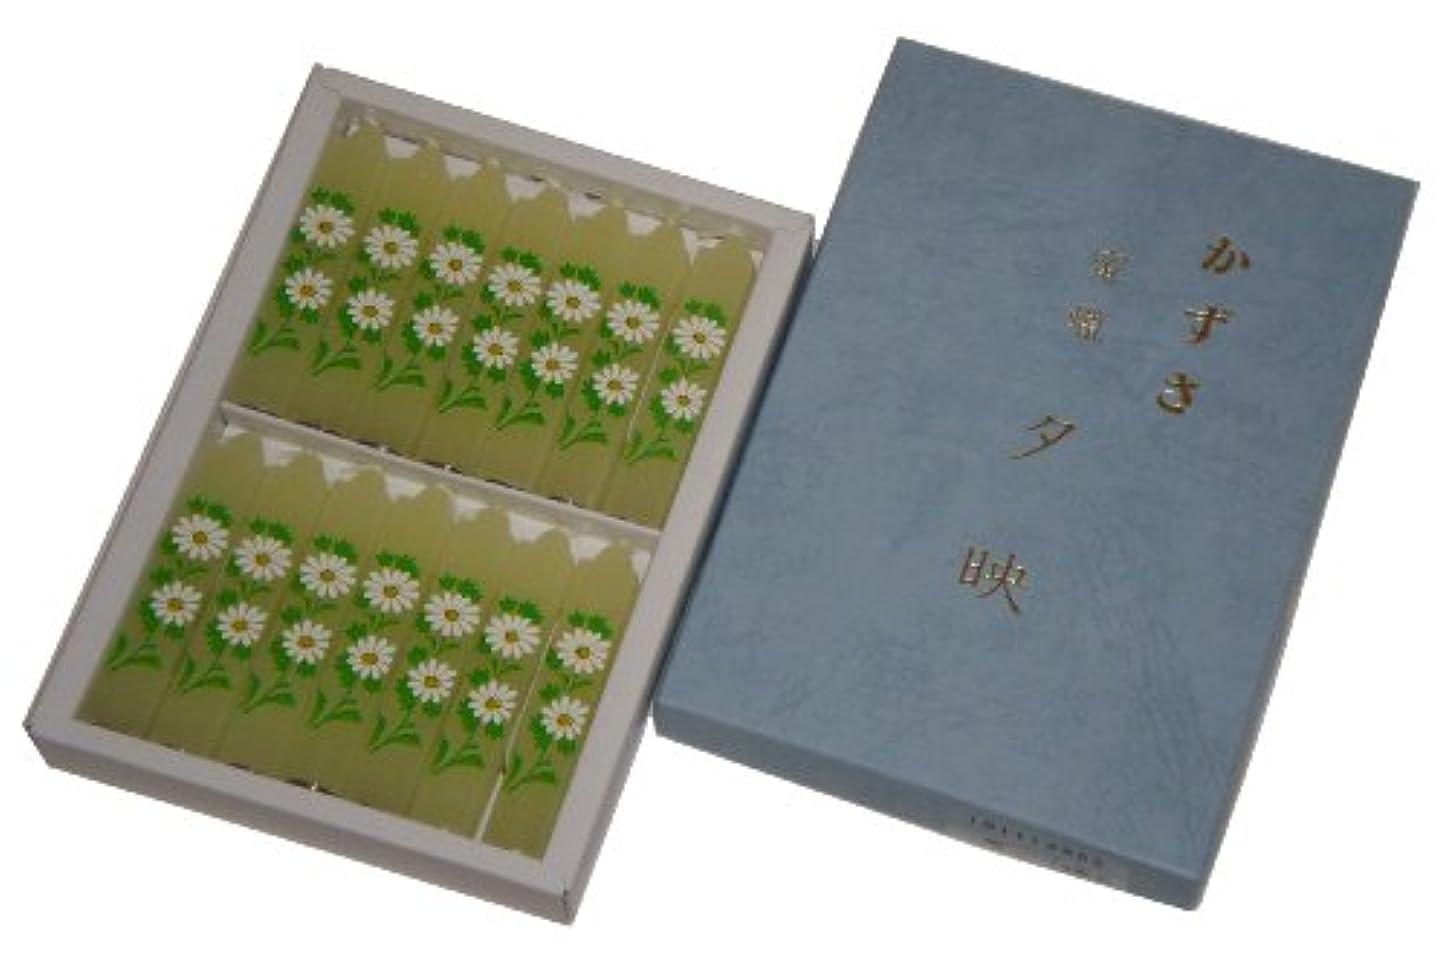 説明するエキゾチック肉屋鳥居のローソク 蜜蝋小夕映 菊 14本入 金具付 #100965